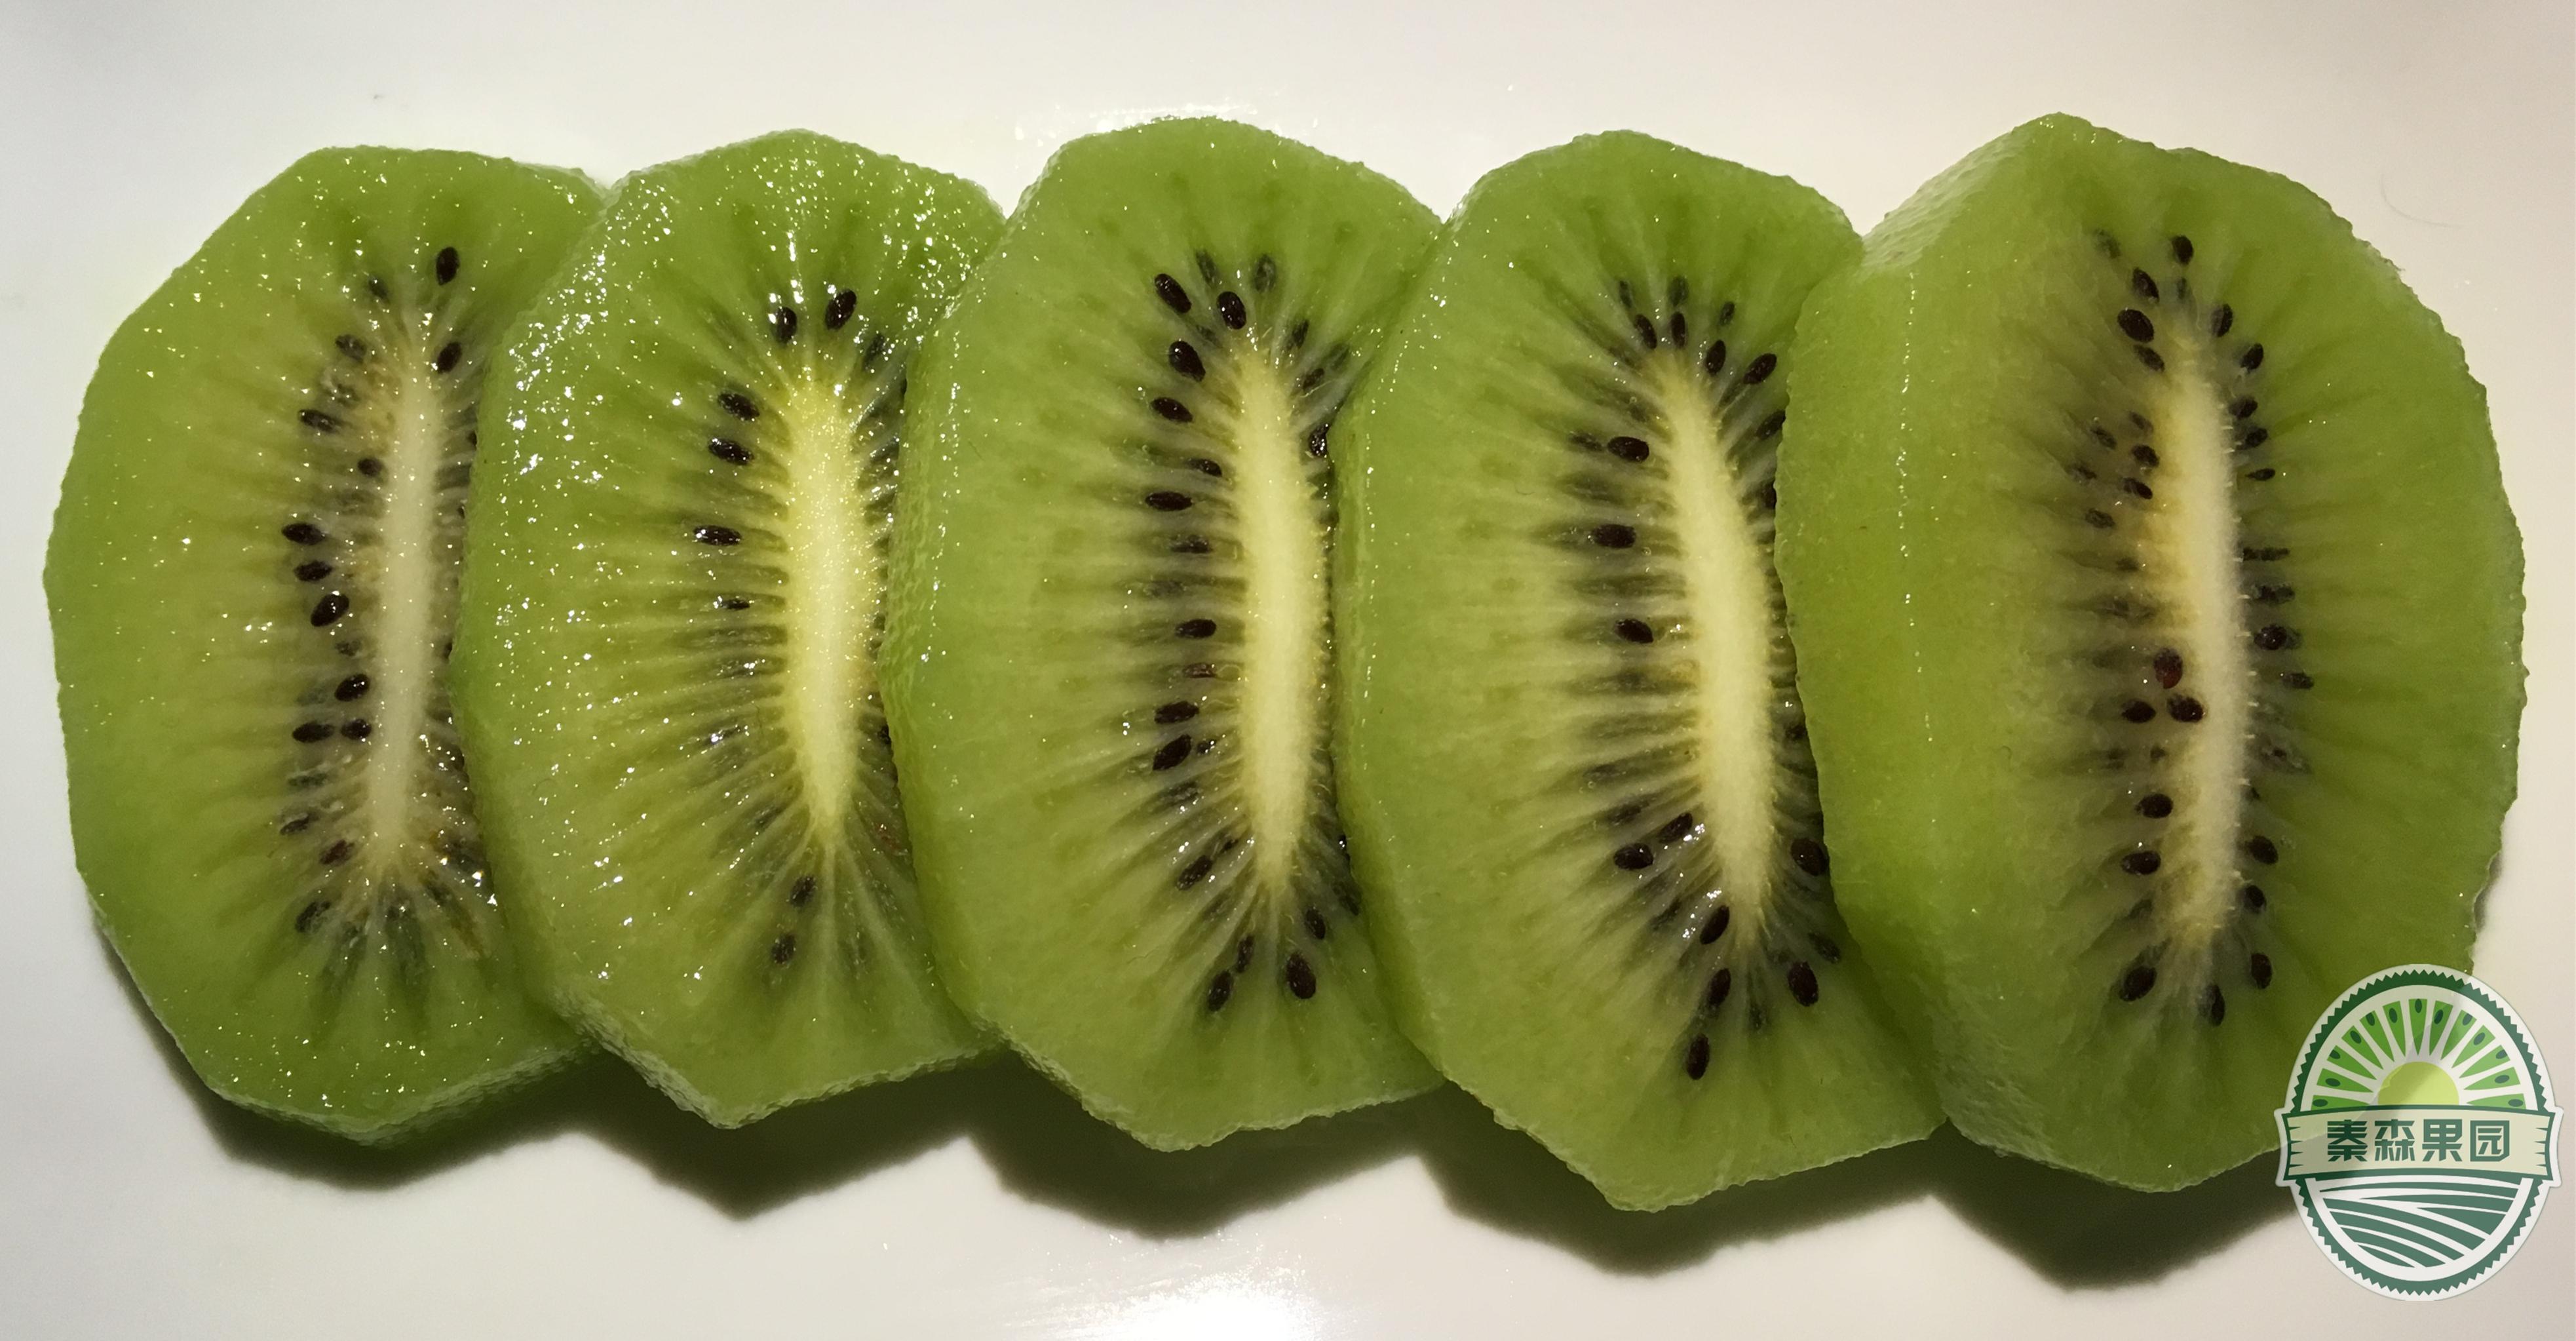 獼猴桃祛斑效果好嗎